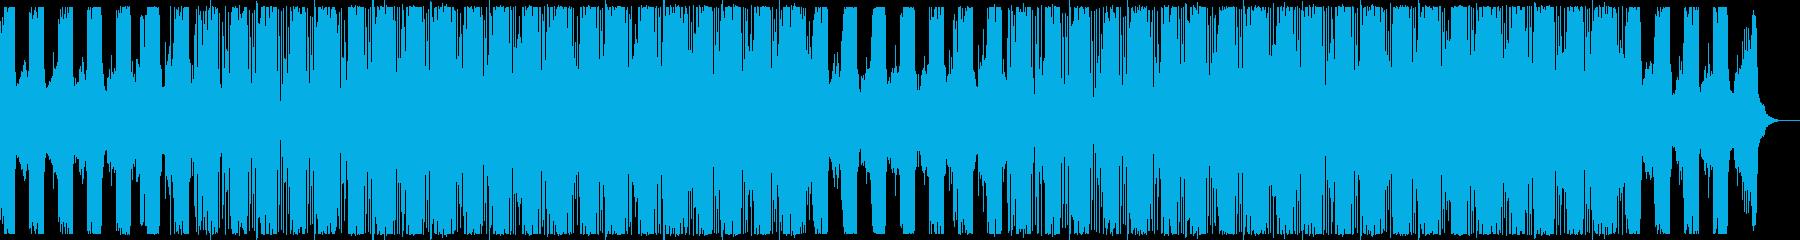 雄大で切ない感動的なエレクトロニカ。の再生済みの波形